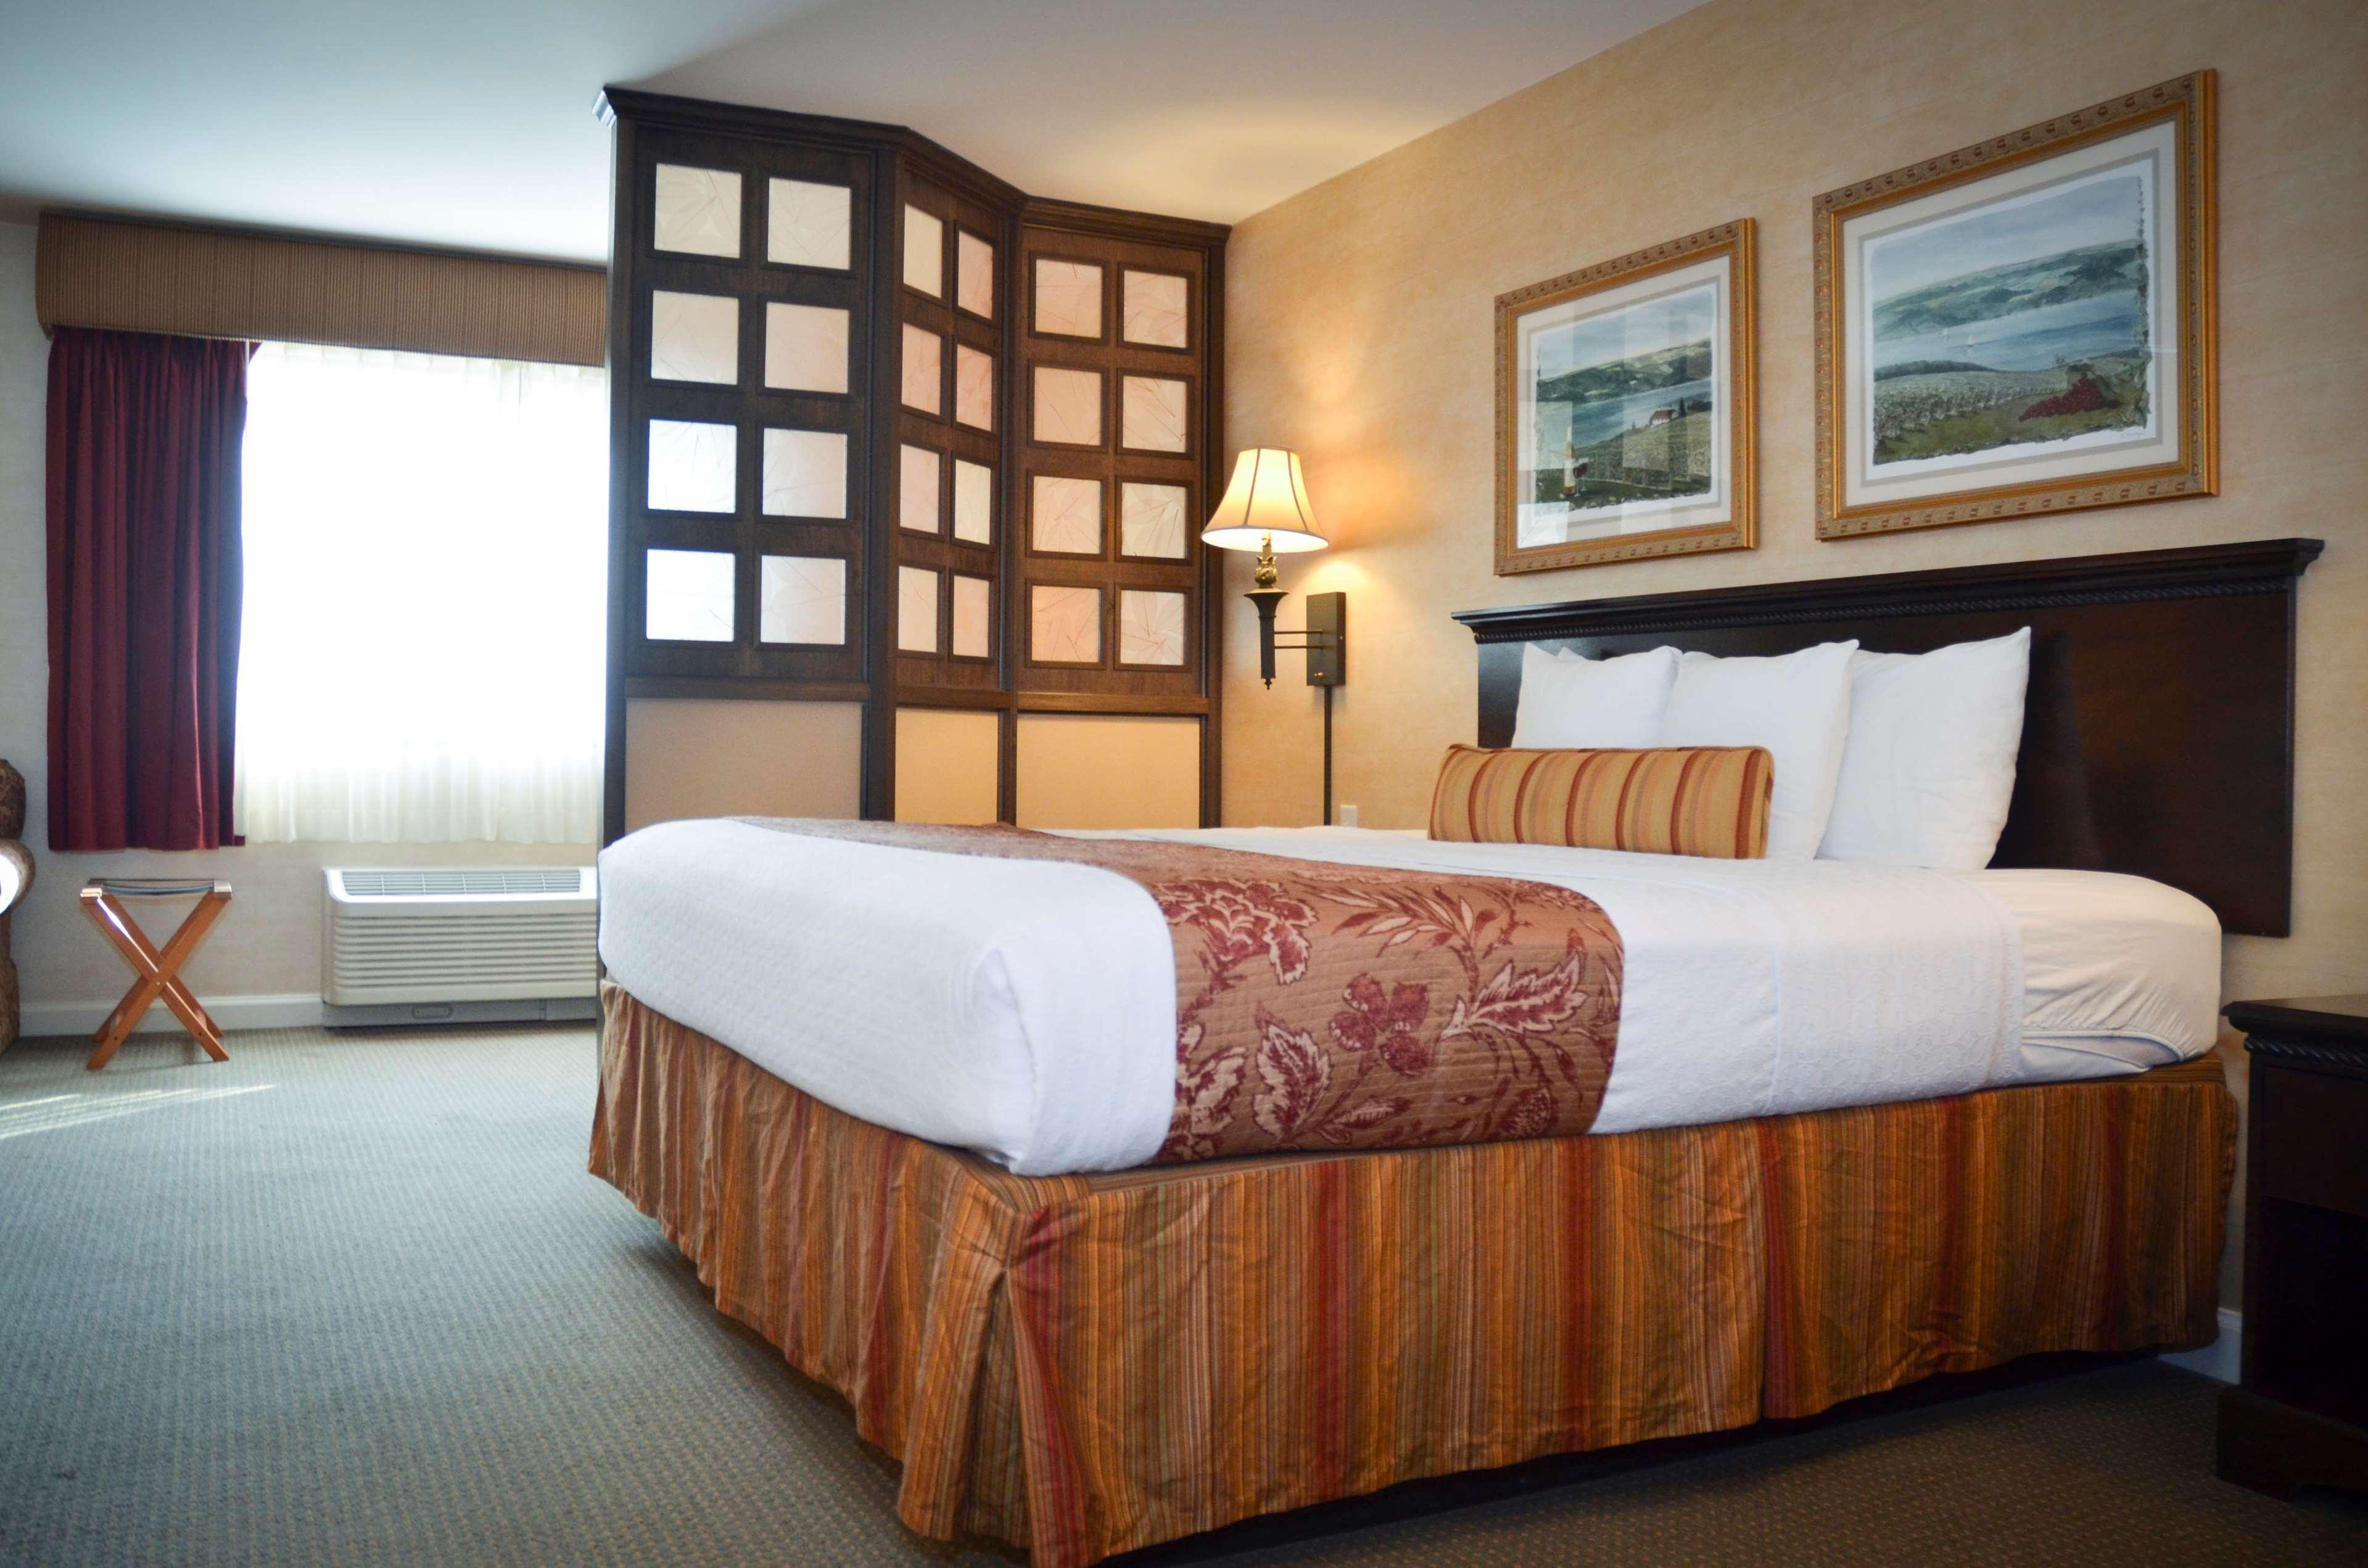 Best Western Plus Vineyard Inn & Suites image 21